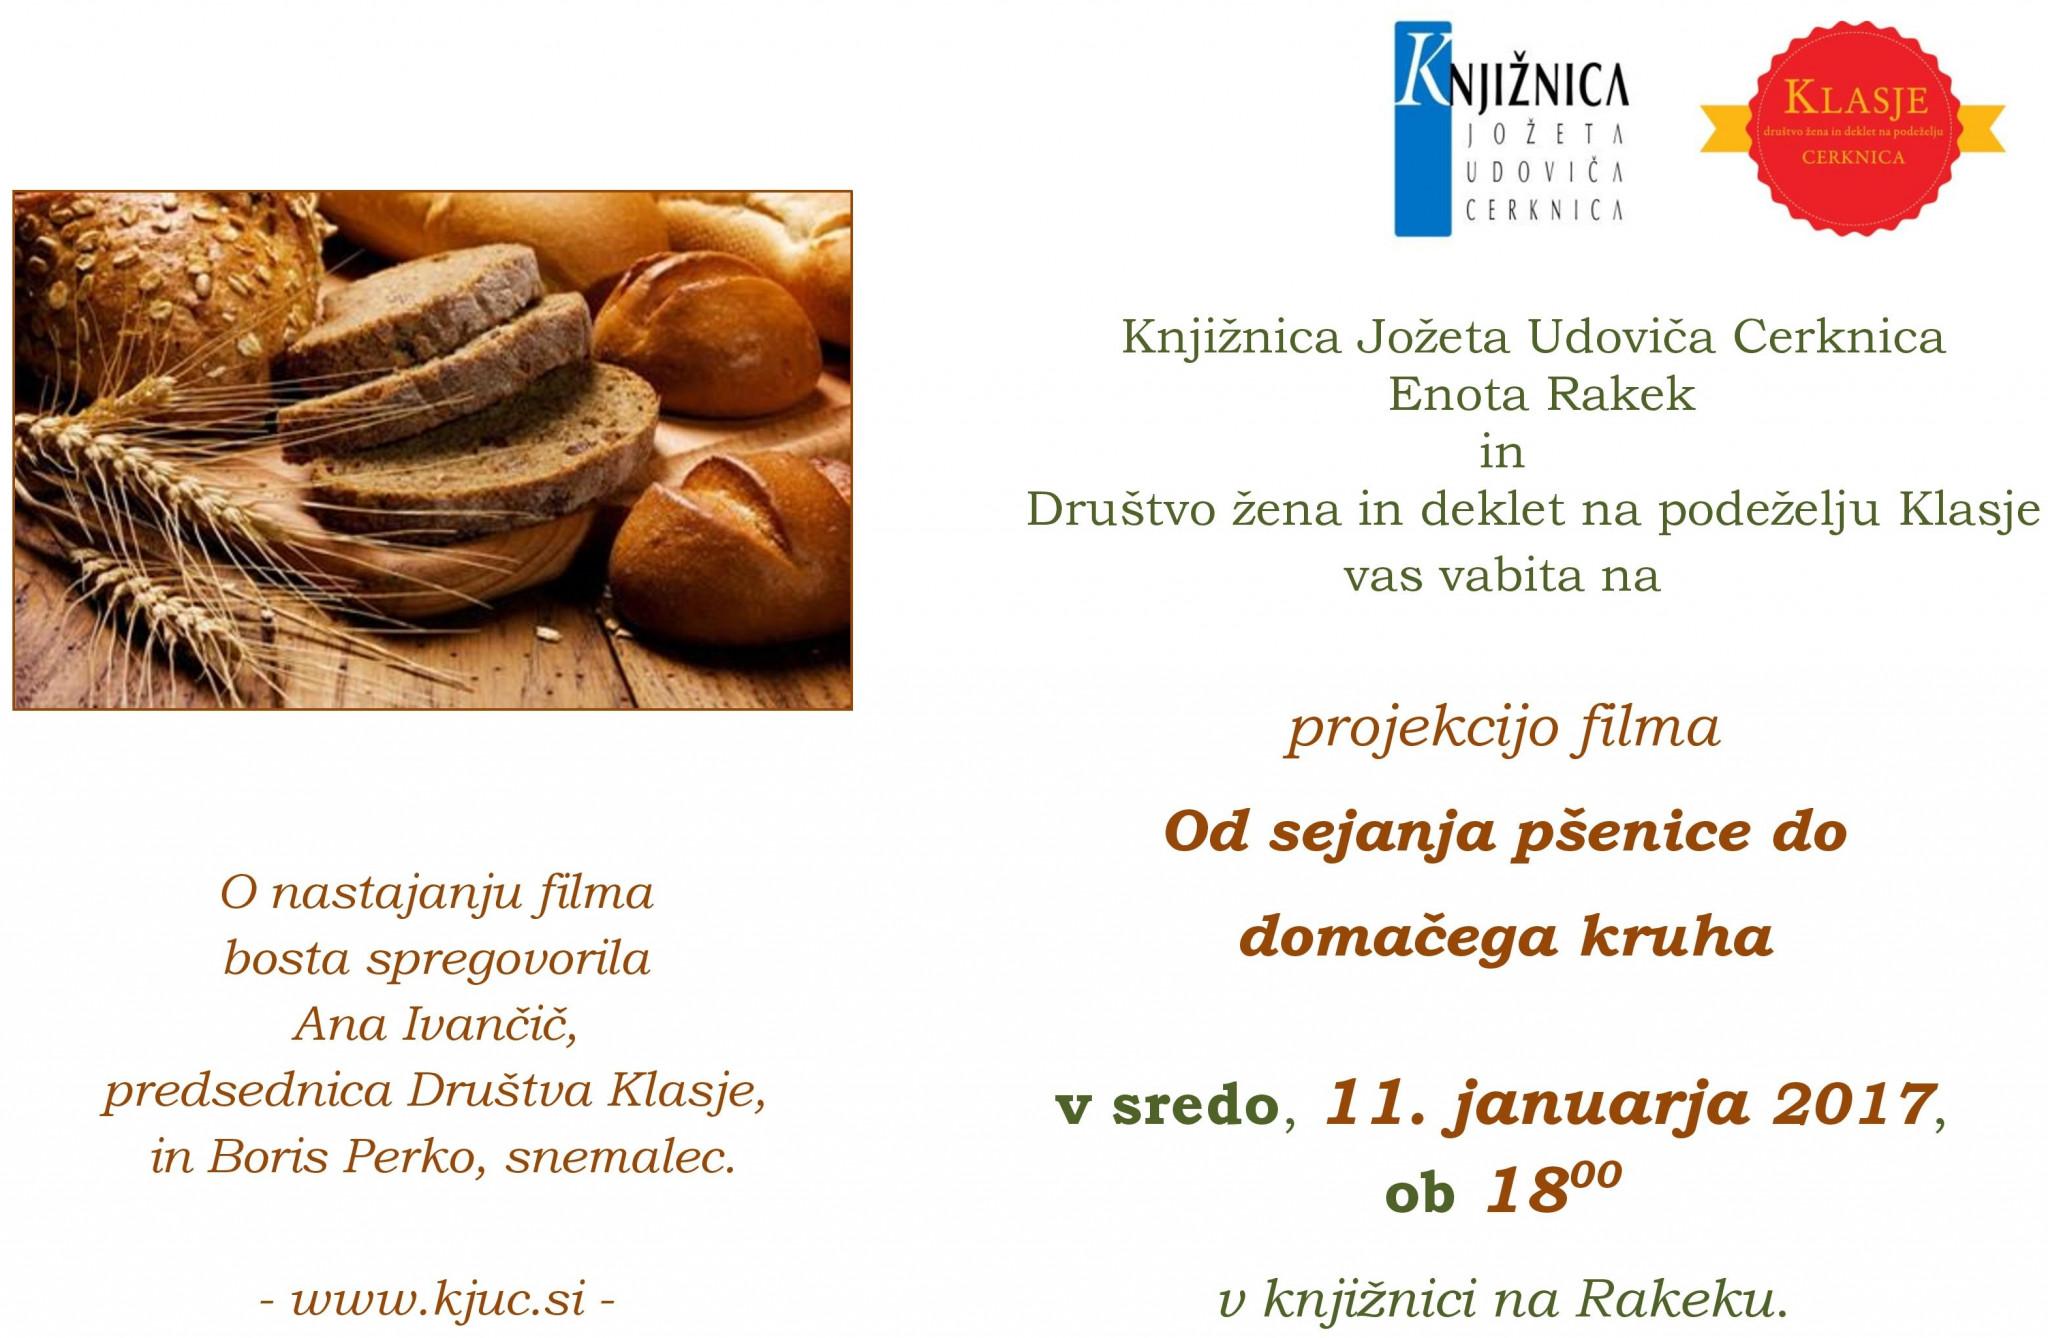 cover 3 - Projekcija filma: Od sejanja pšenice do domačega kruha